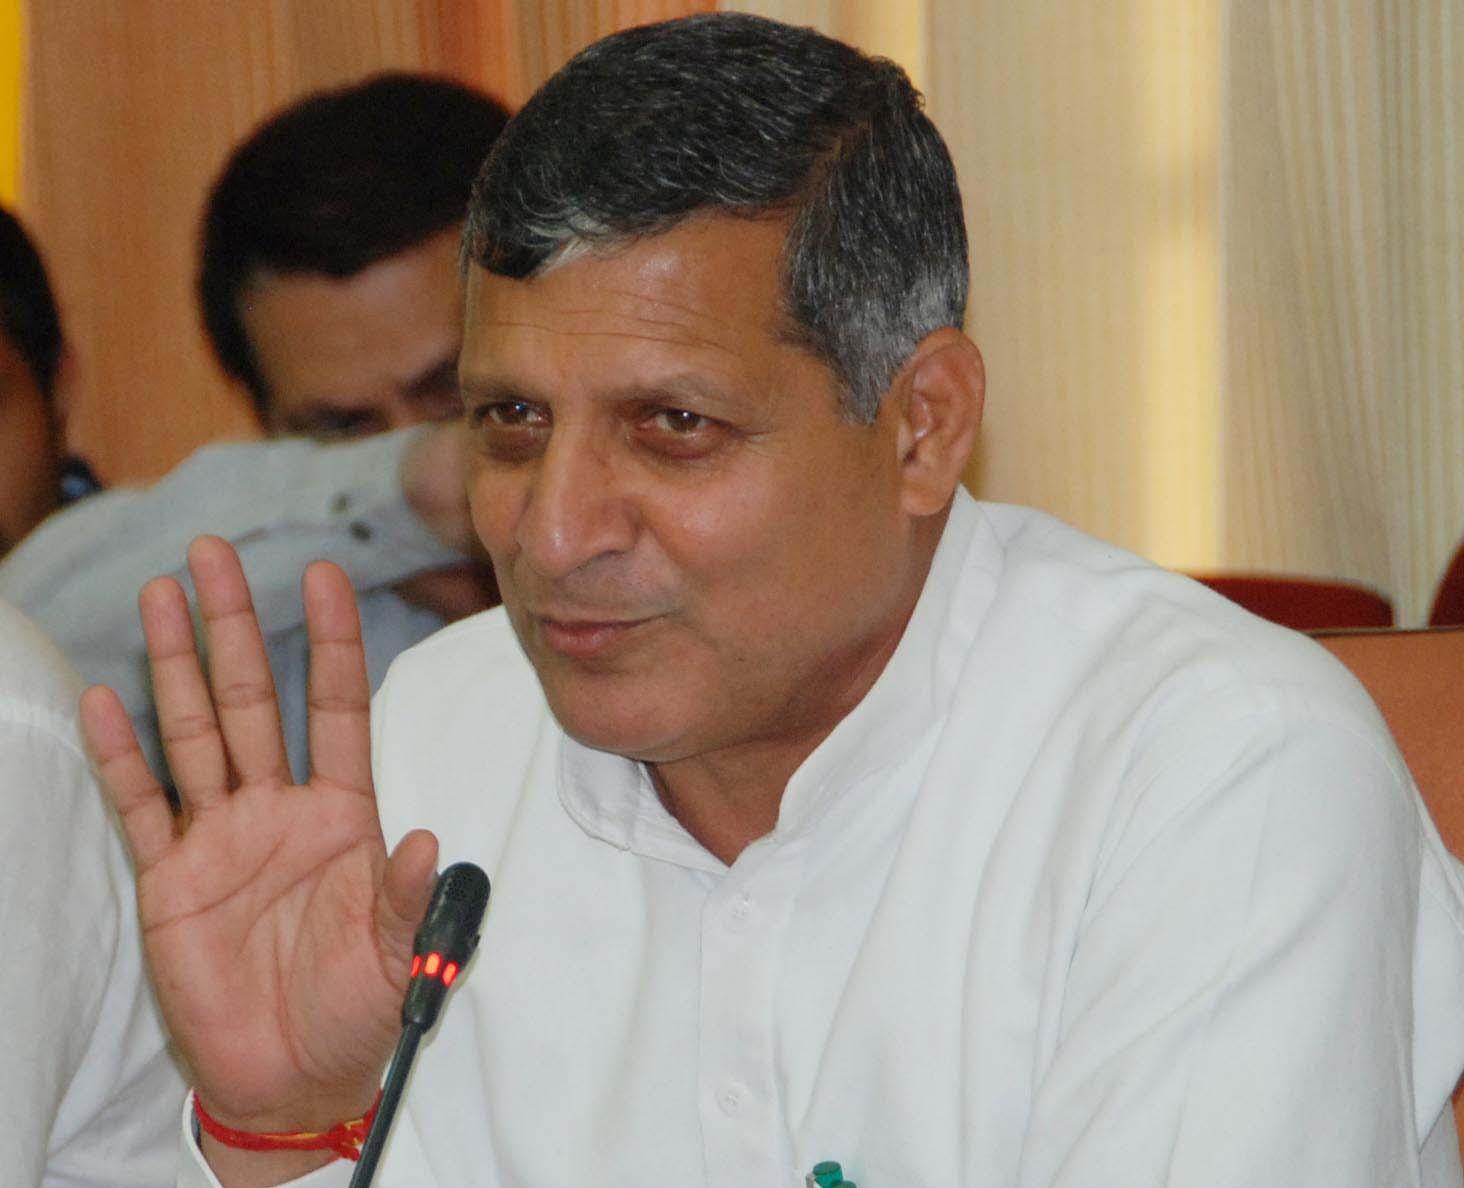 Kanwar Pal Gujjar, Haryana Vidhan Sabha Speaker - Kanwar-Pal-Gujjar-Haryana-Vidhan-Sabha-Speaker